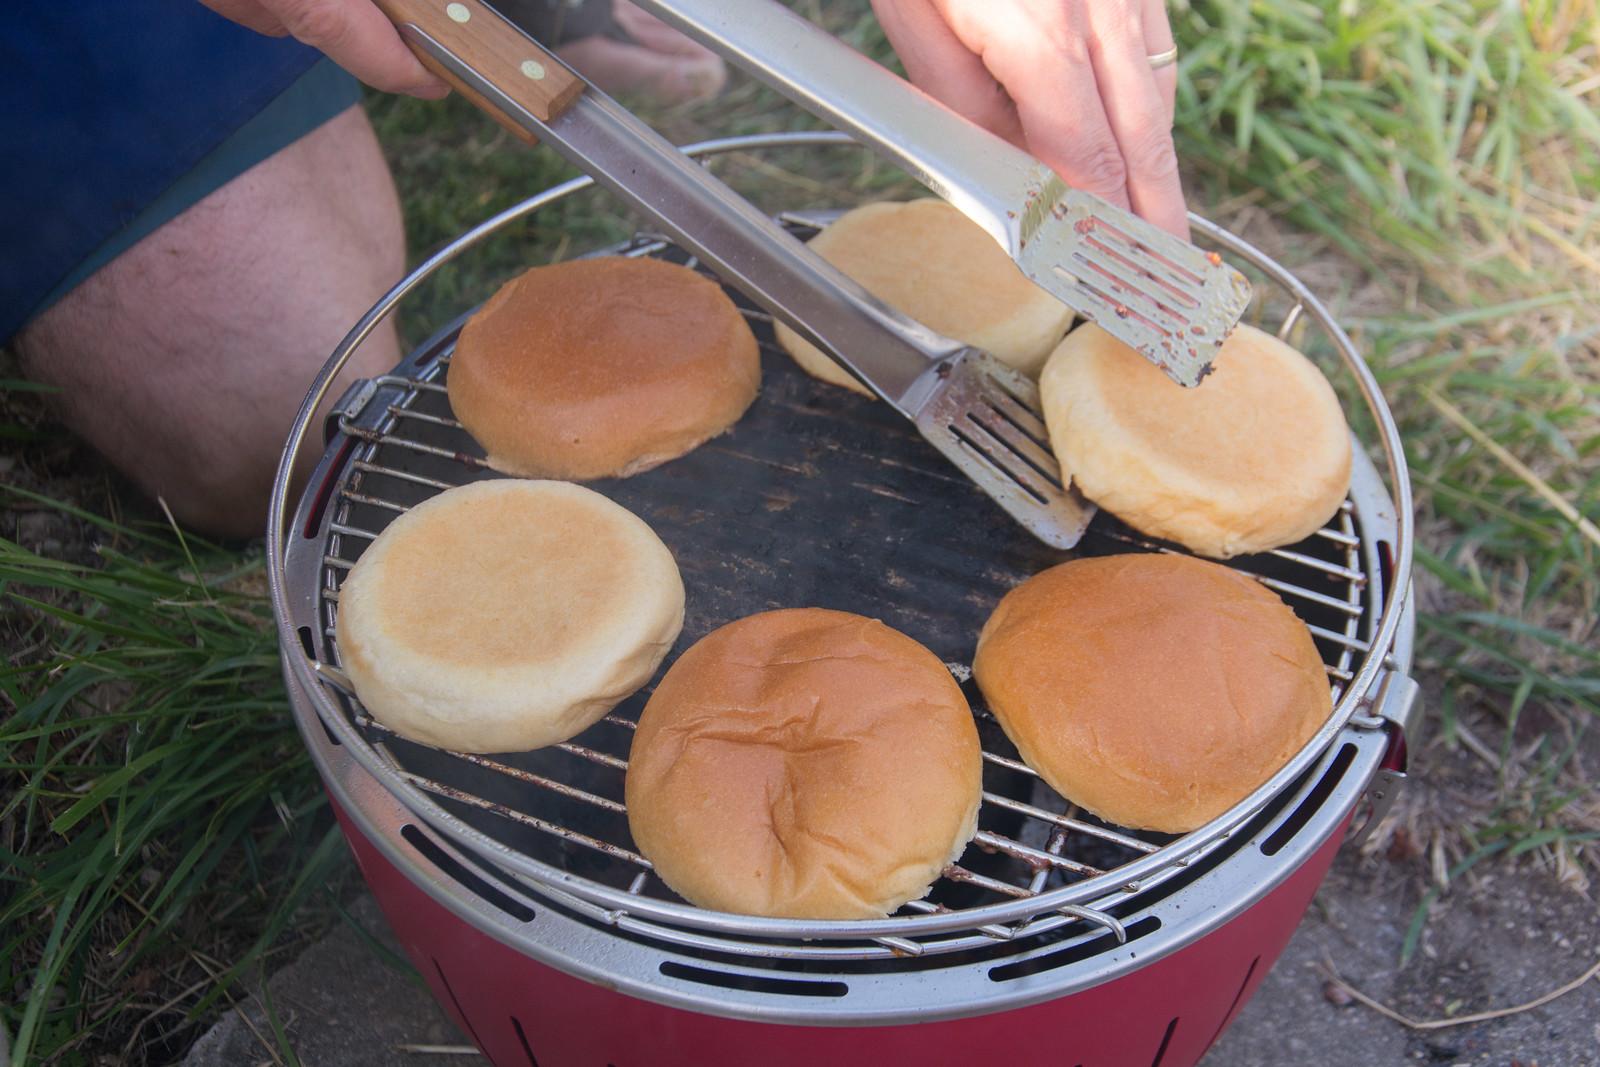 Portable barbecue for picnics